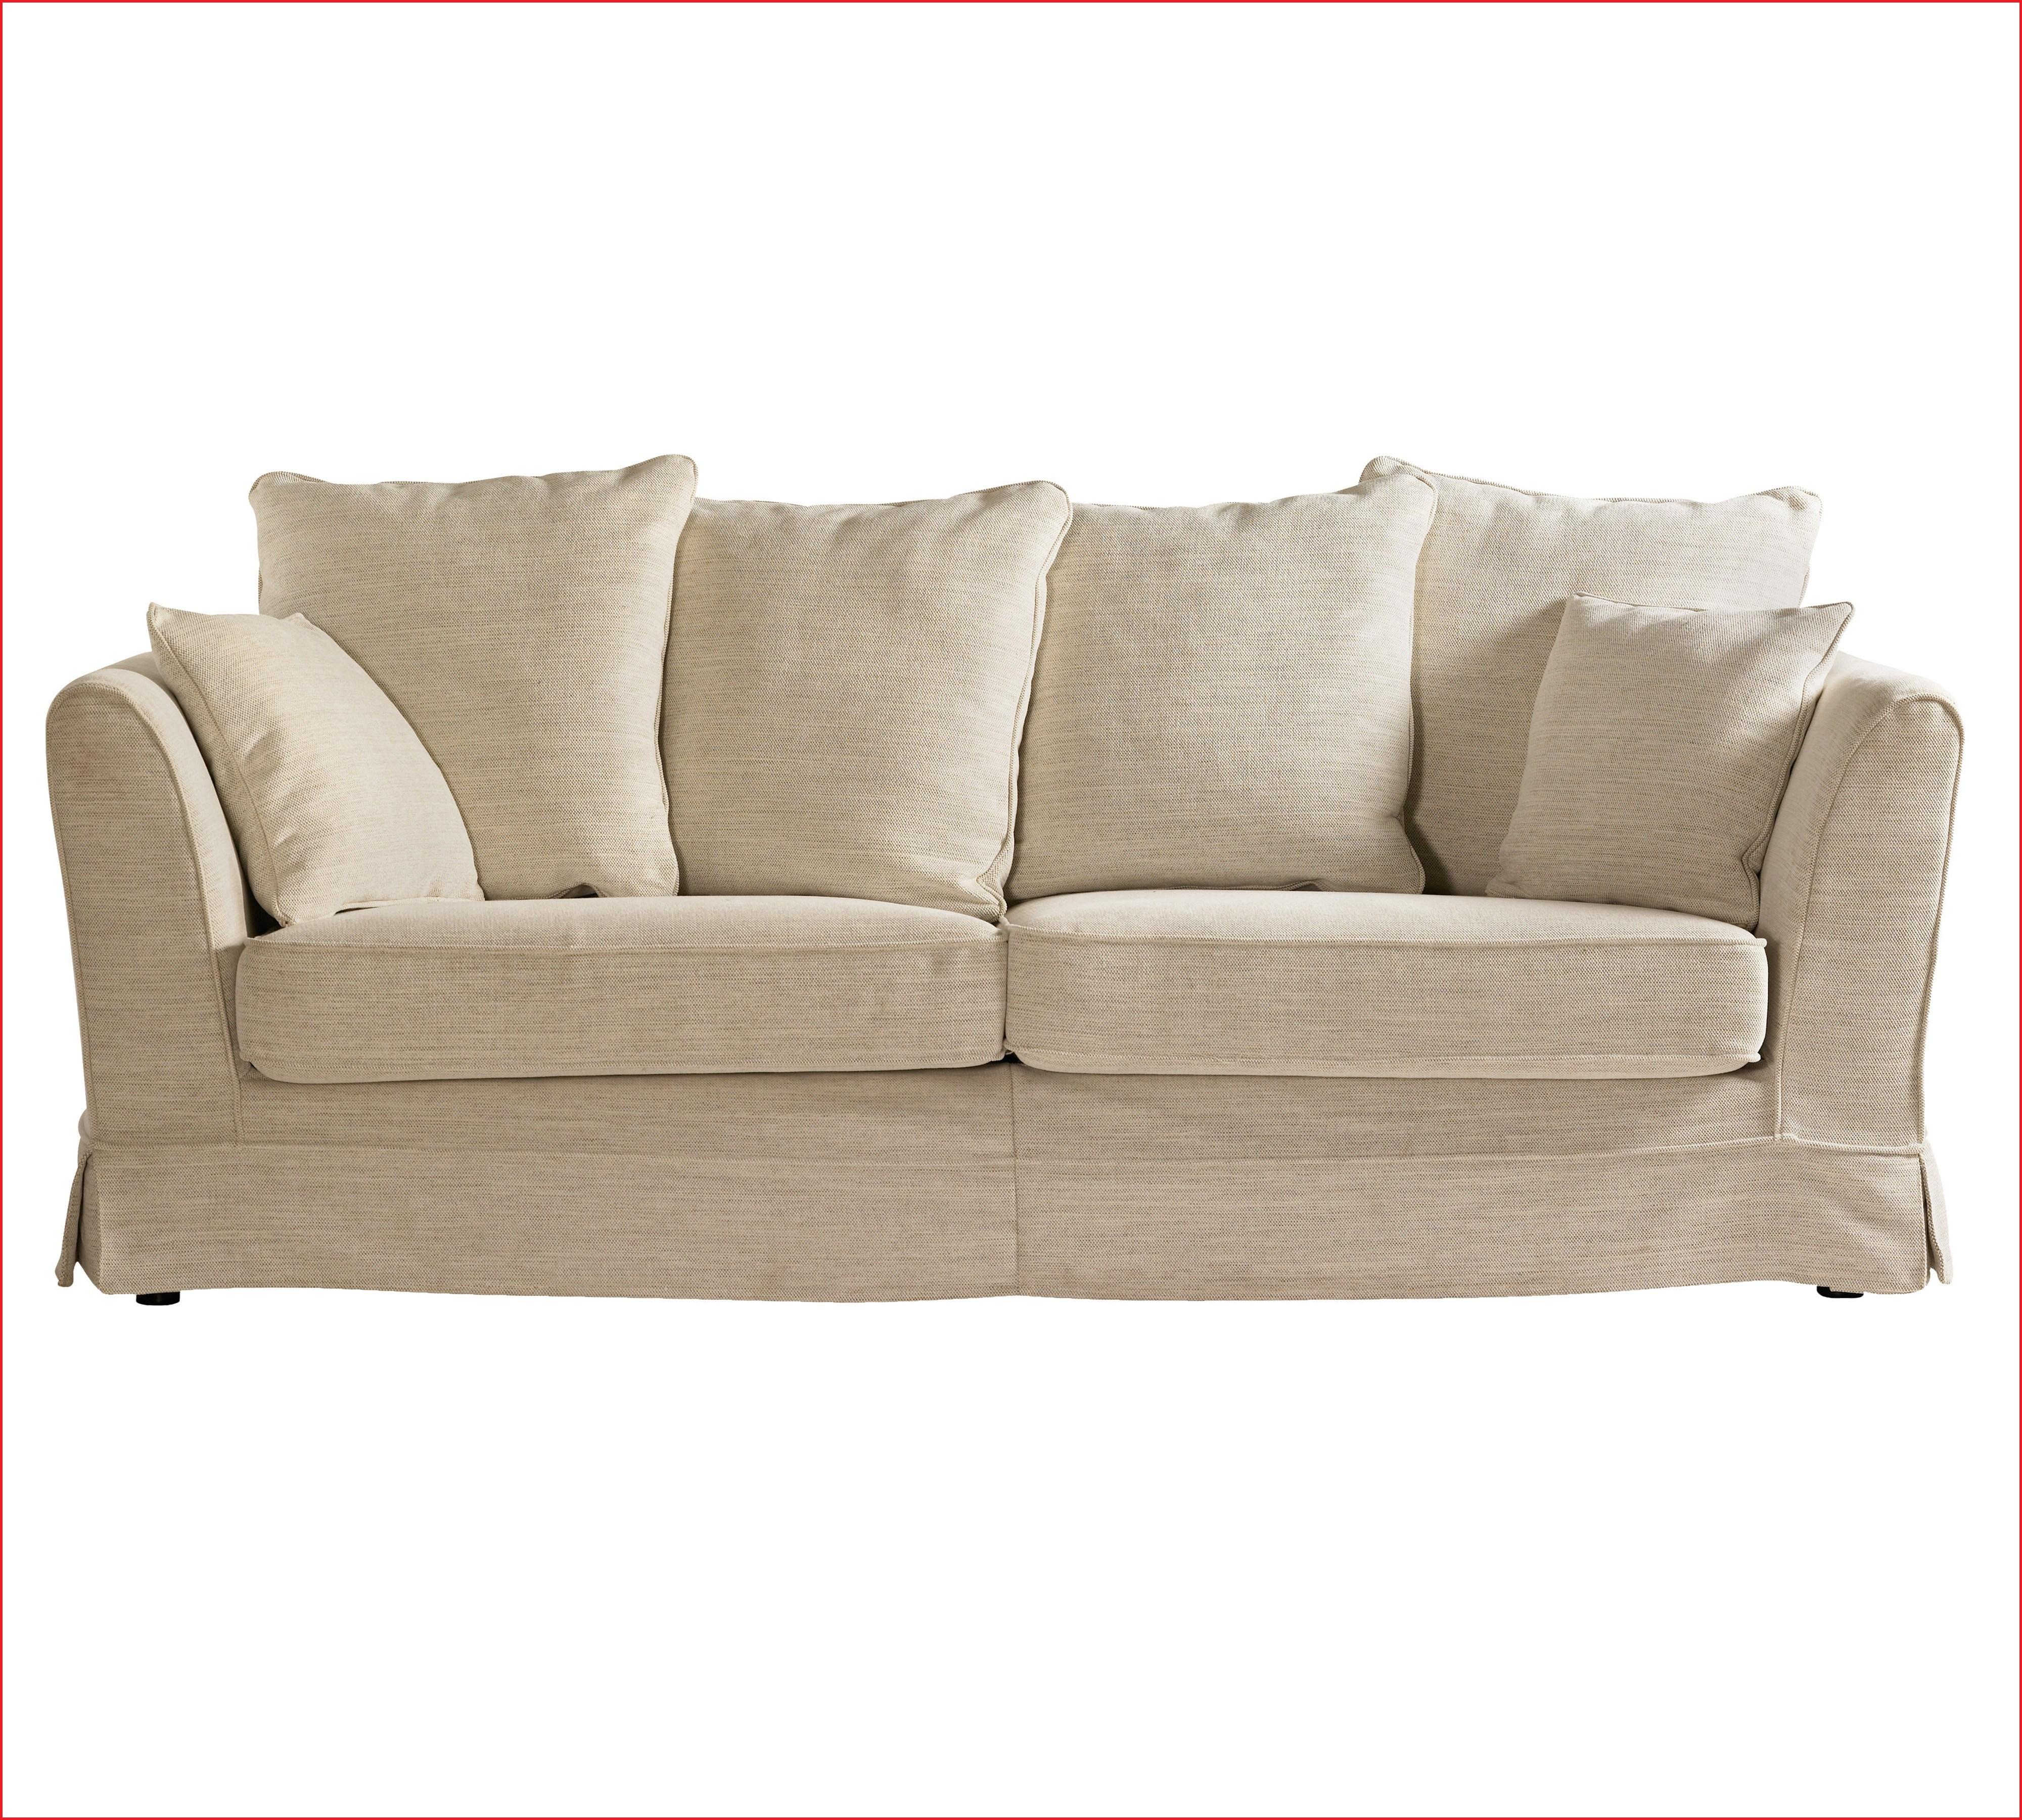 Venta sofas 9ddf sofa Cama Barato Vitoria sofas Camas sofas Camas Elegant sofa Cama